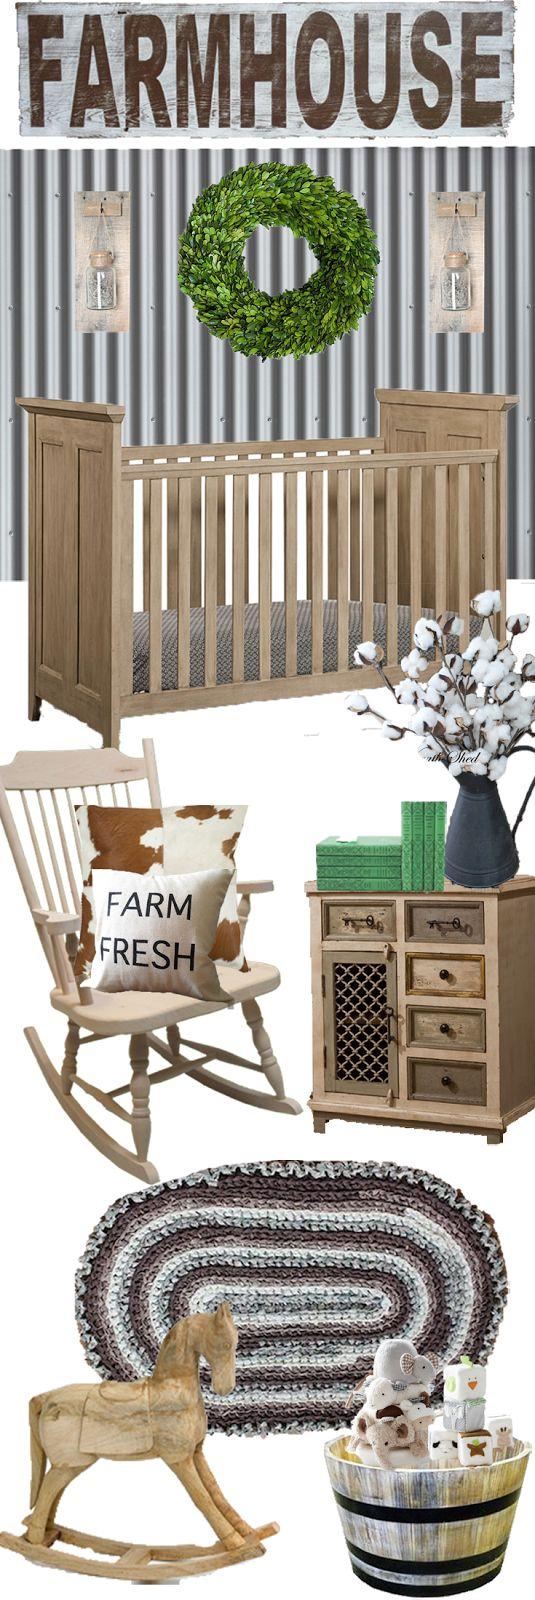 Farmhouse Themed Nursery//Fawn Over Baby